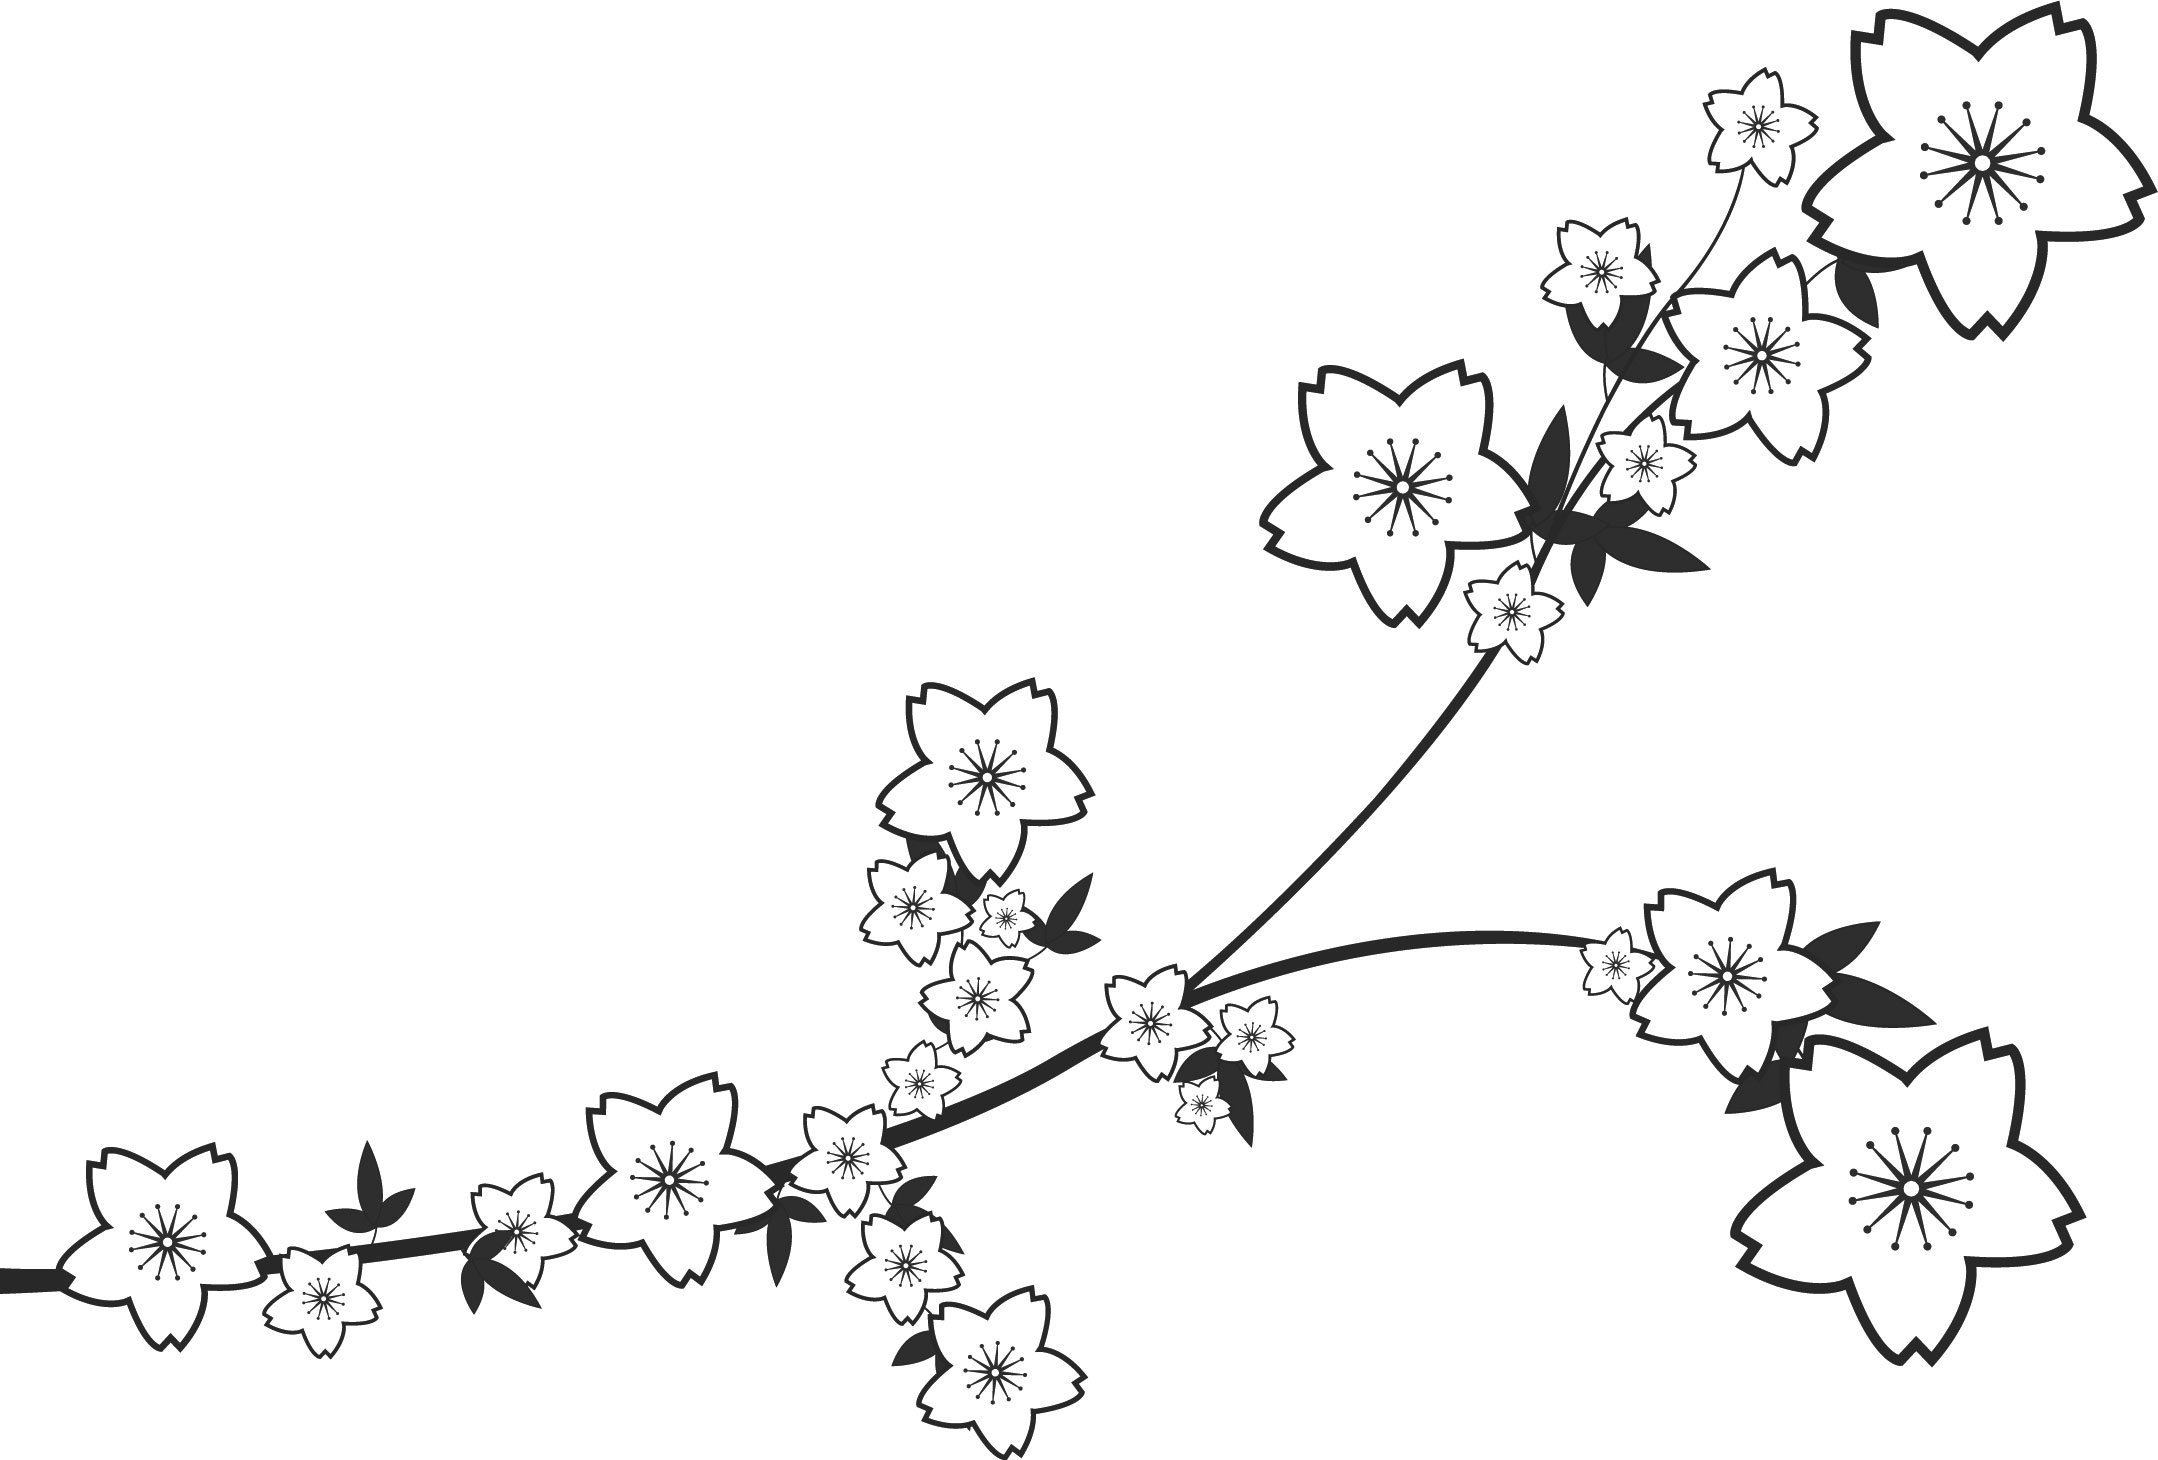 ポップでかわいい花のイラスト・フリー素材/no.1329『白黒・枝葉・桜型』